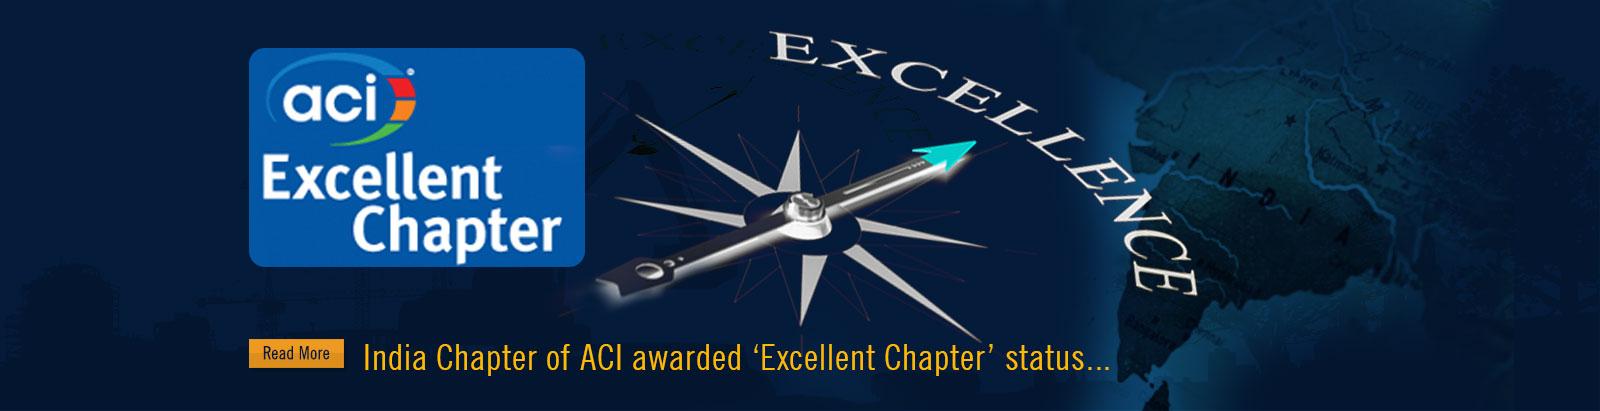 excllent-chapter